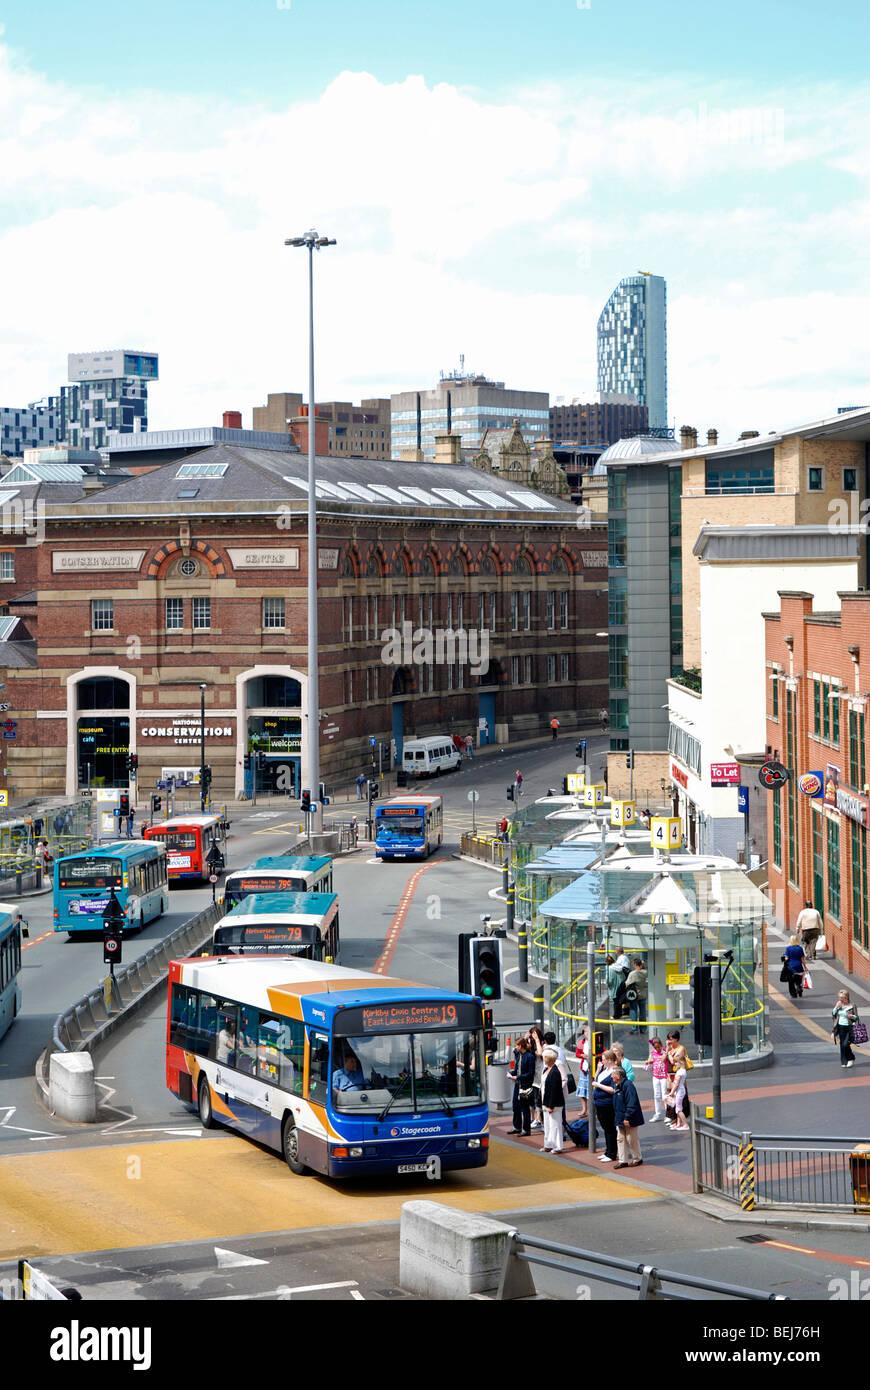 Los autobuses en el centro de Liverpool, Merseyside, Inglaterra, Reino Unido. Imagen De Stock